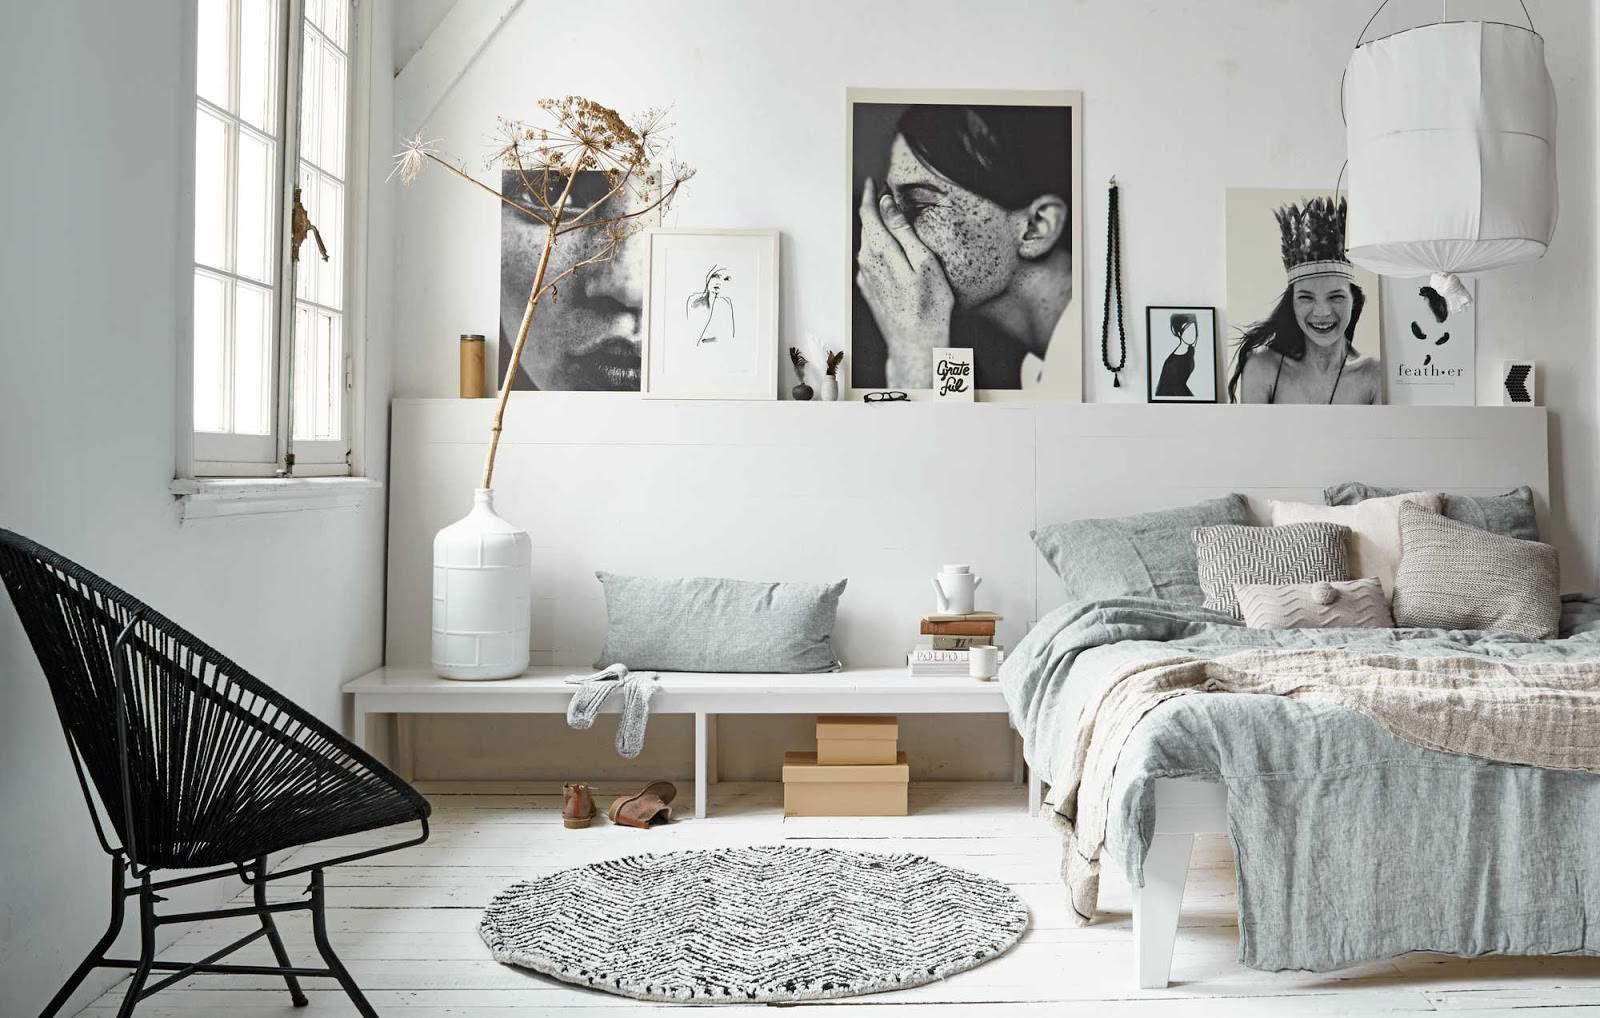 Фото скандинавского стиля в интерьере